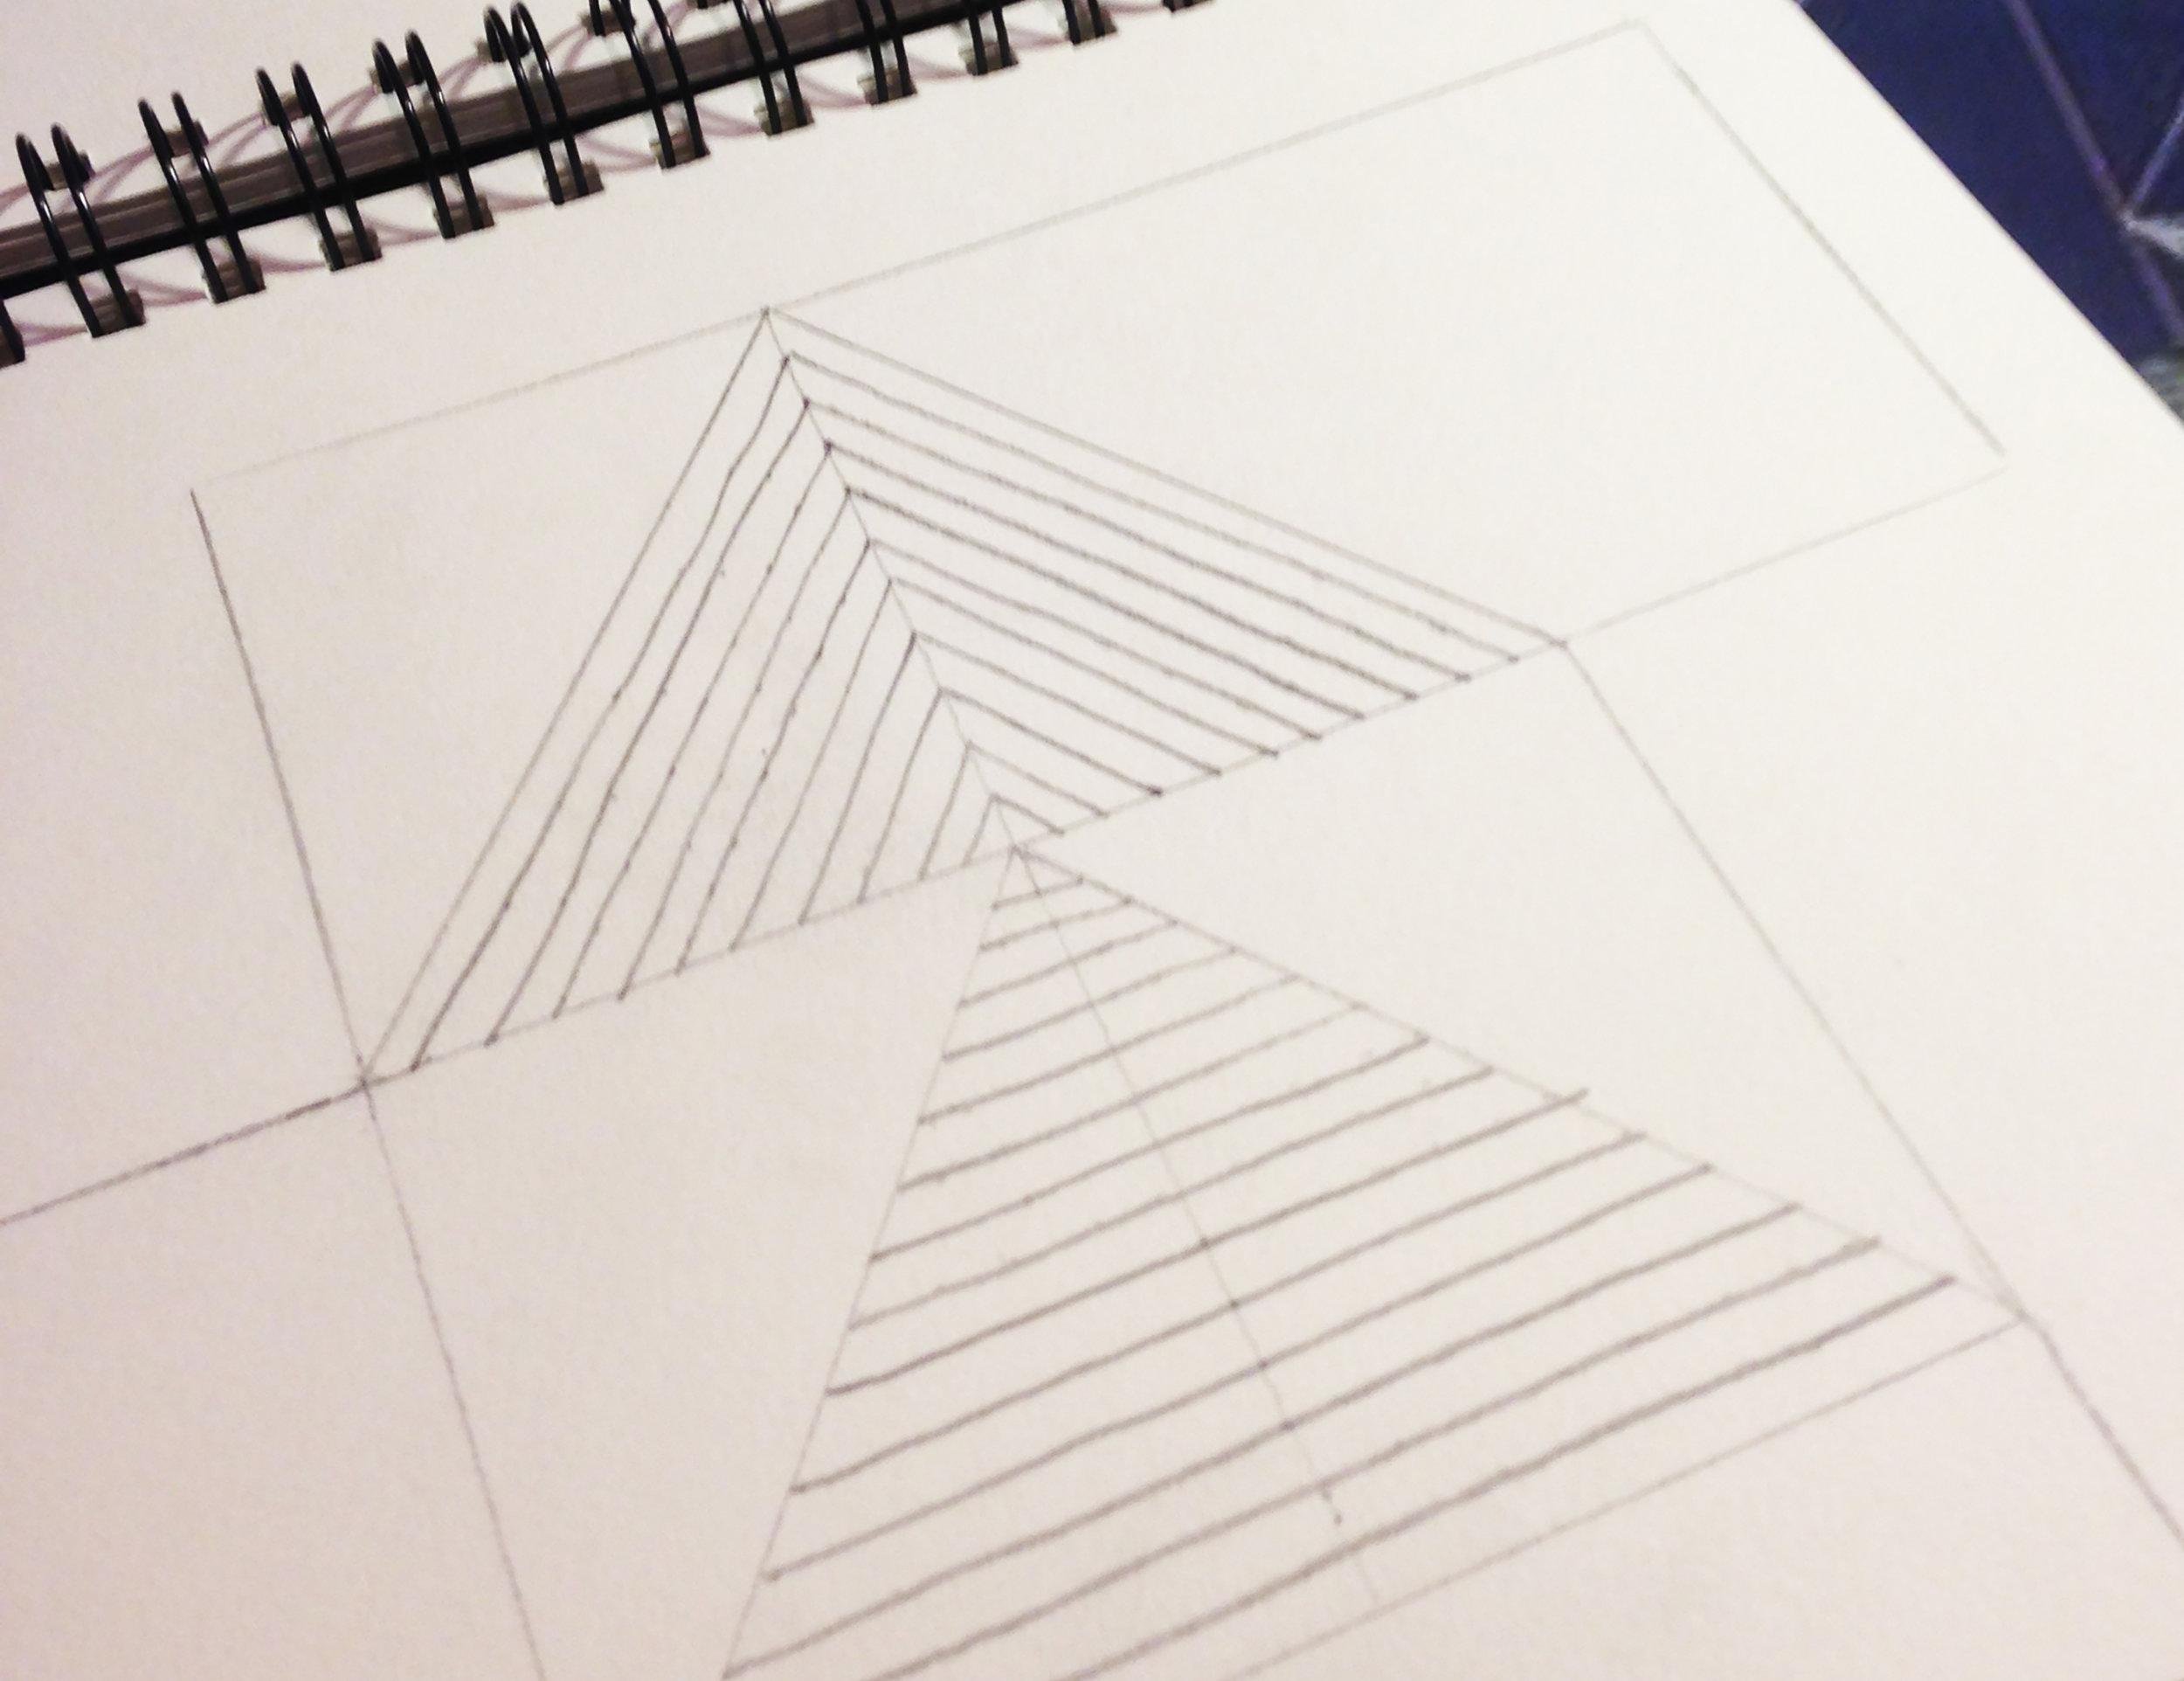 zig zag sketch.jpg